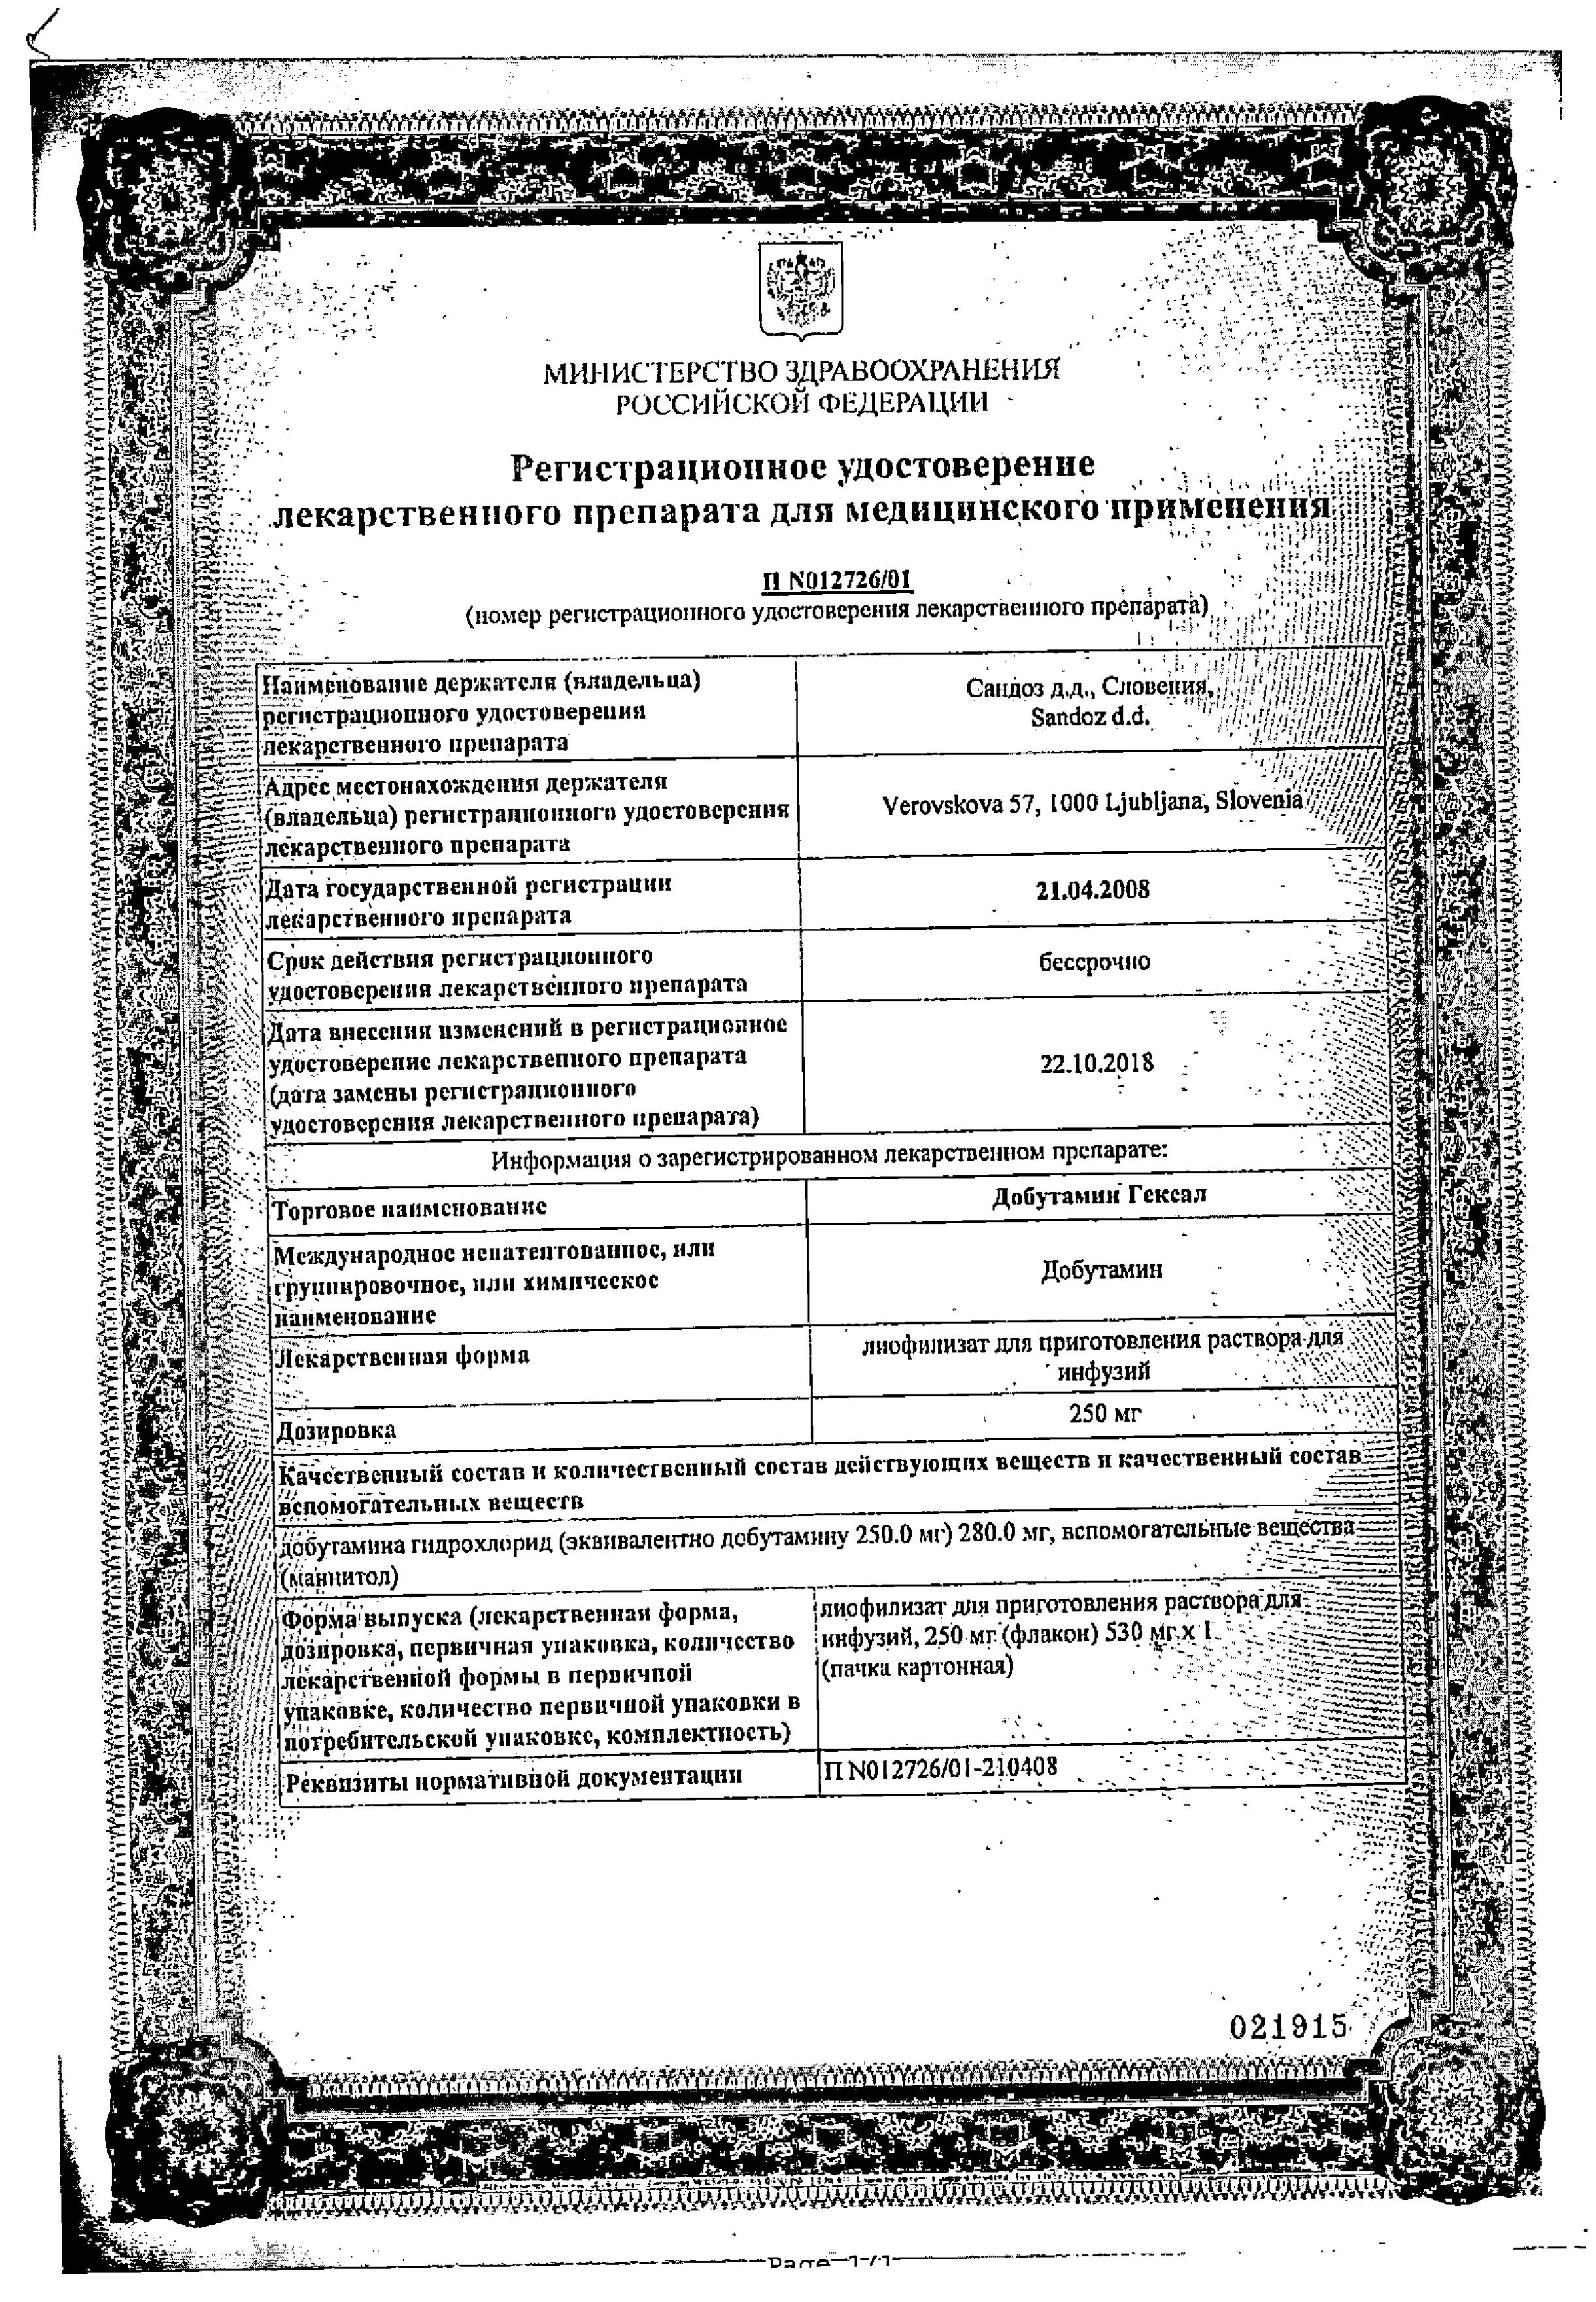 Добутамин Гексал сертификат